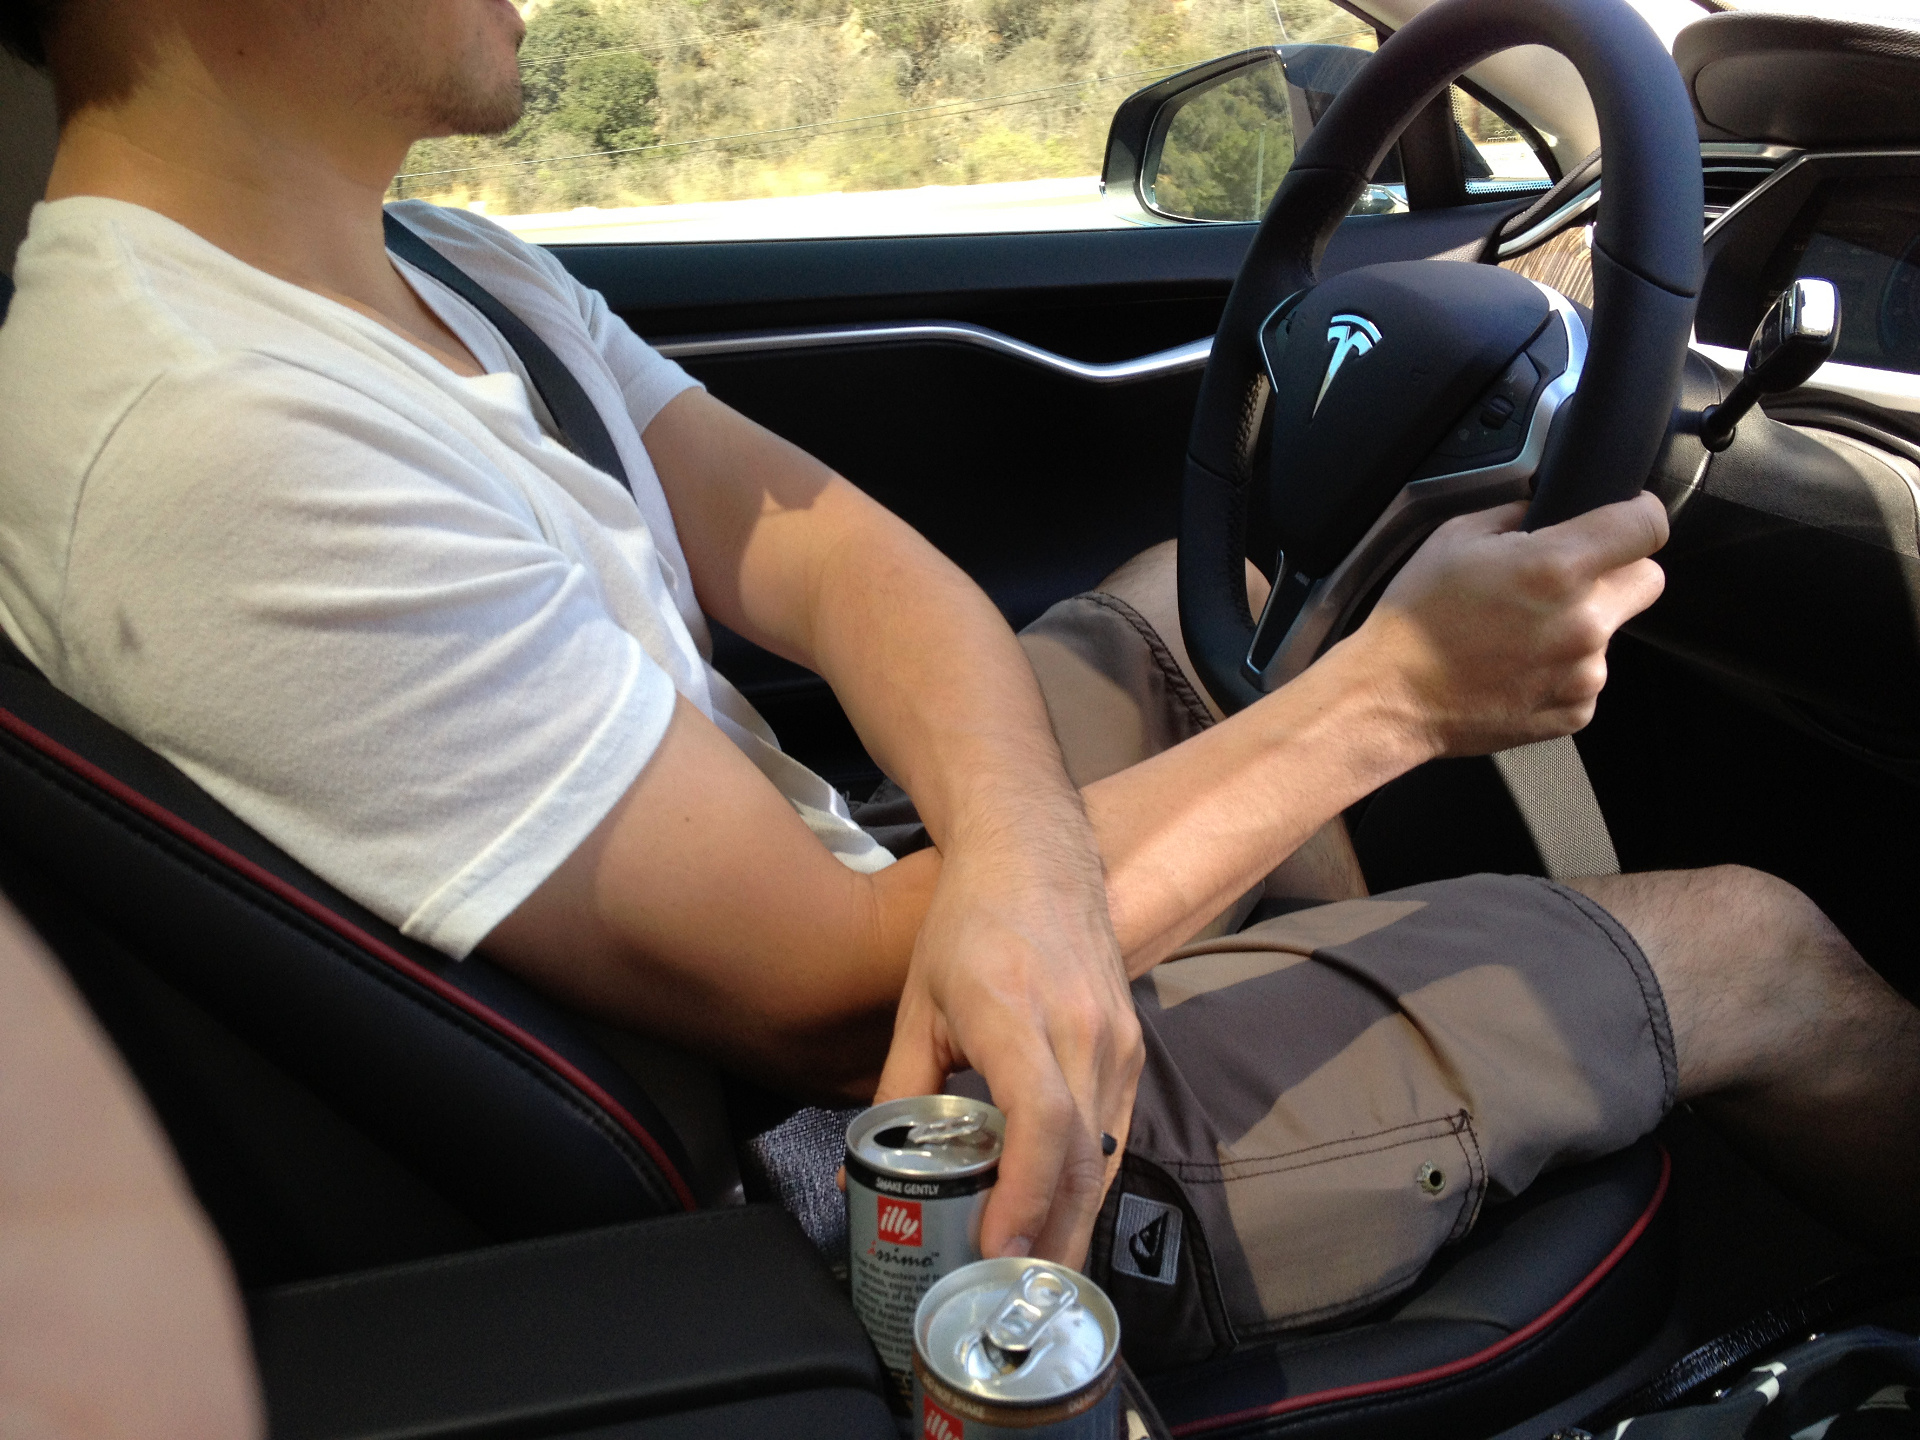 Tesla-Model-S-Armrest-Crossover